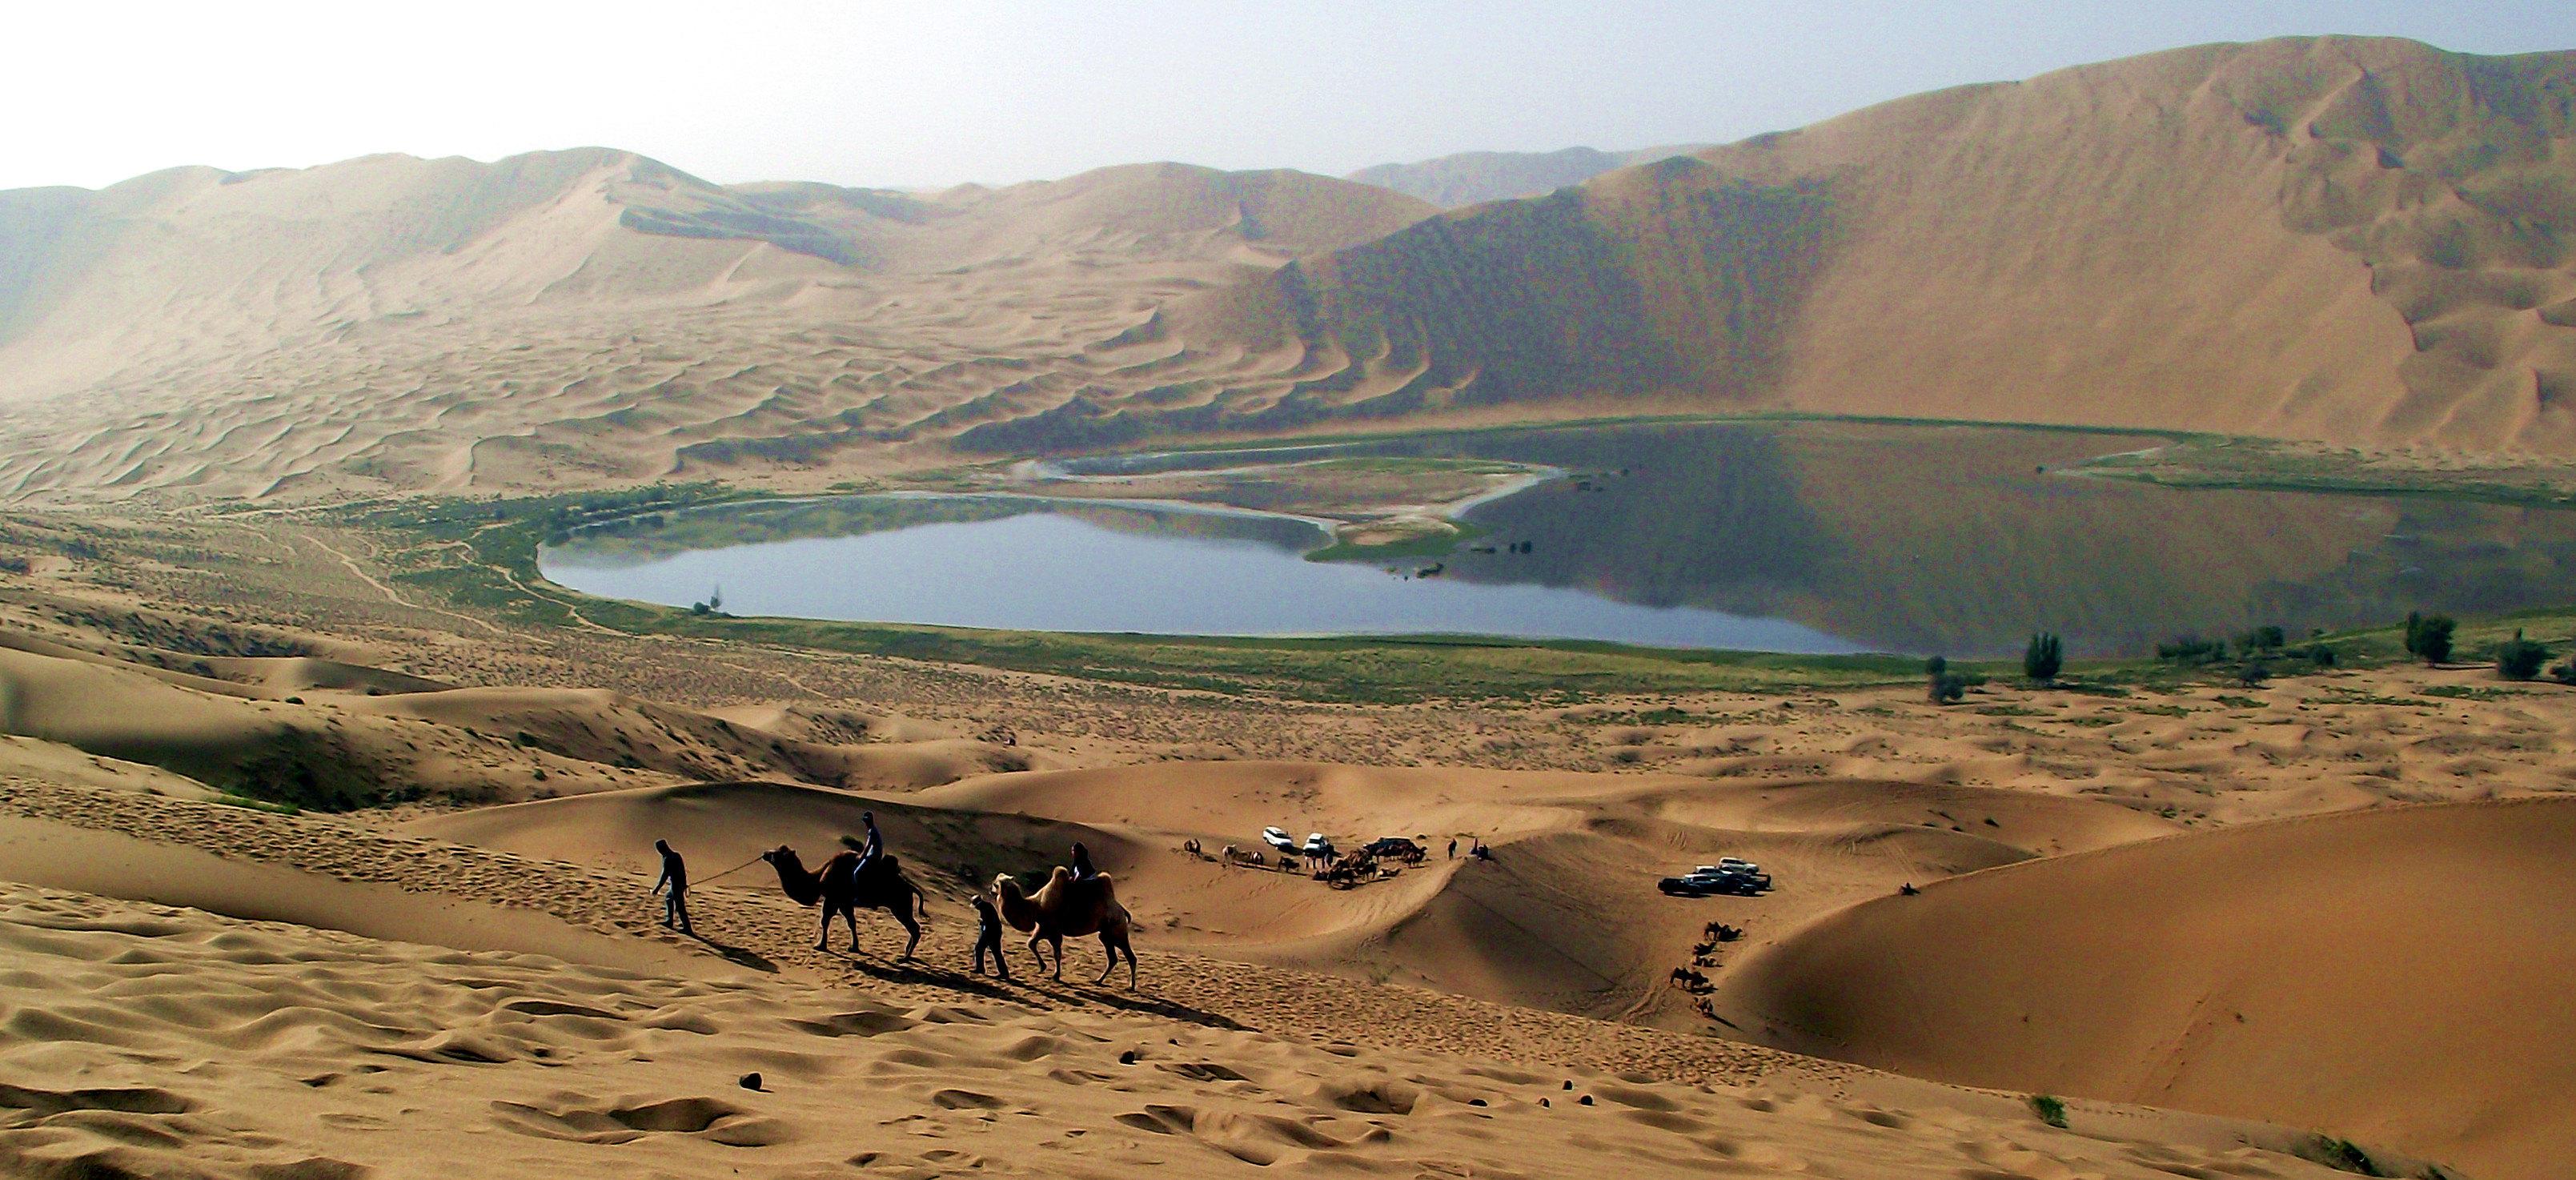 沙漠小动物                             沙漠骆驼